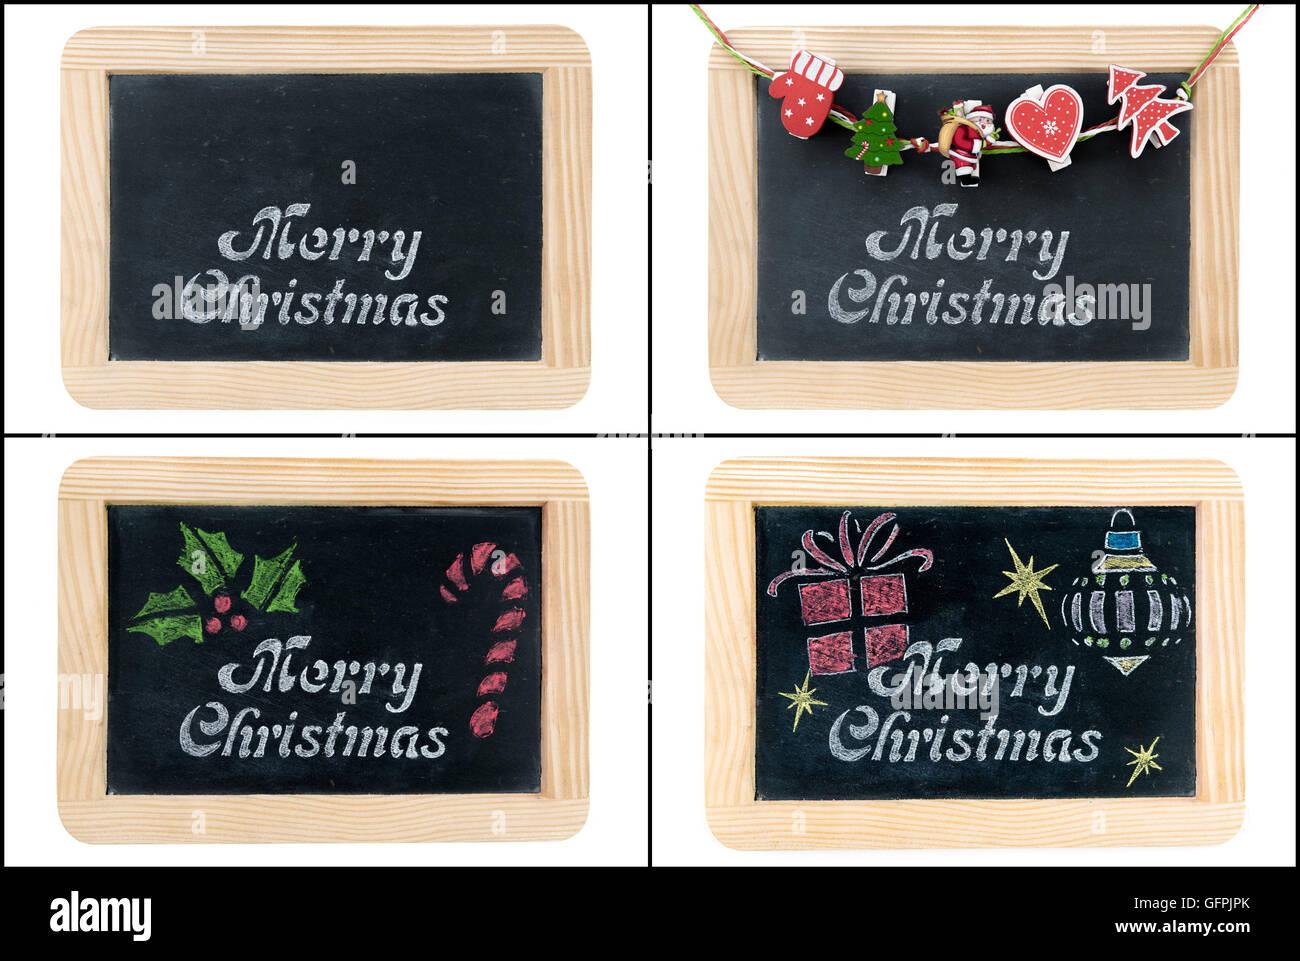 Foto-Collage von Frohe Weihnachten Gruß auf Vintage Tafel Rahmen ...